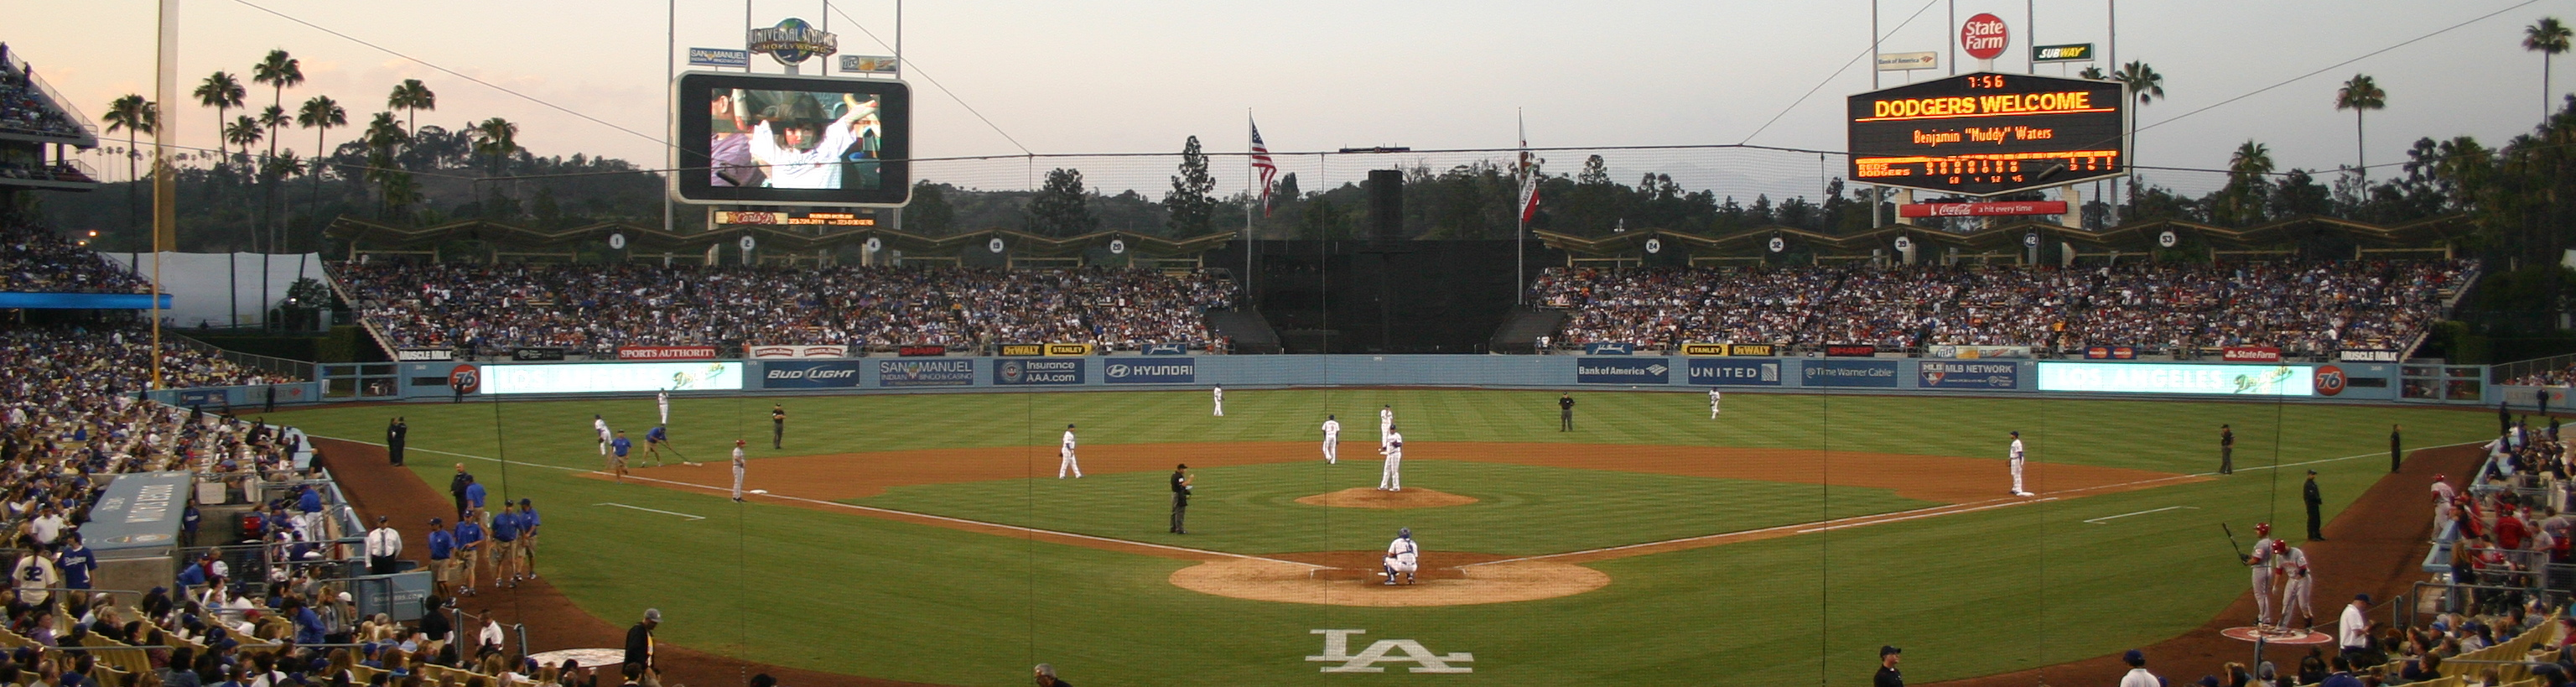 Dodger_Stadium_Field.jpg